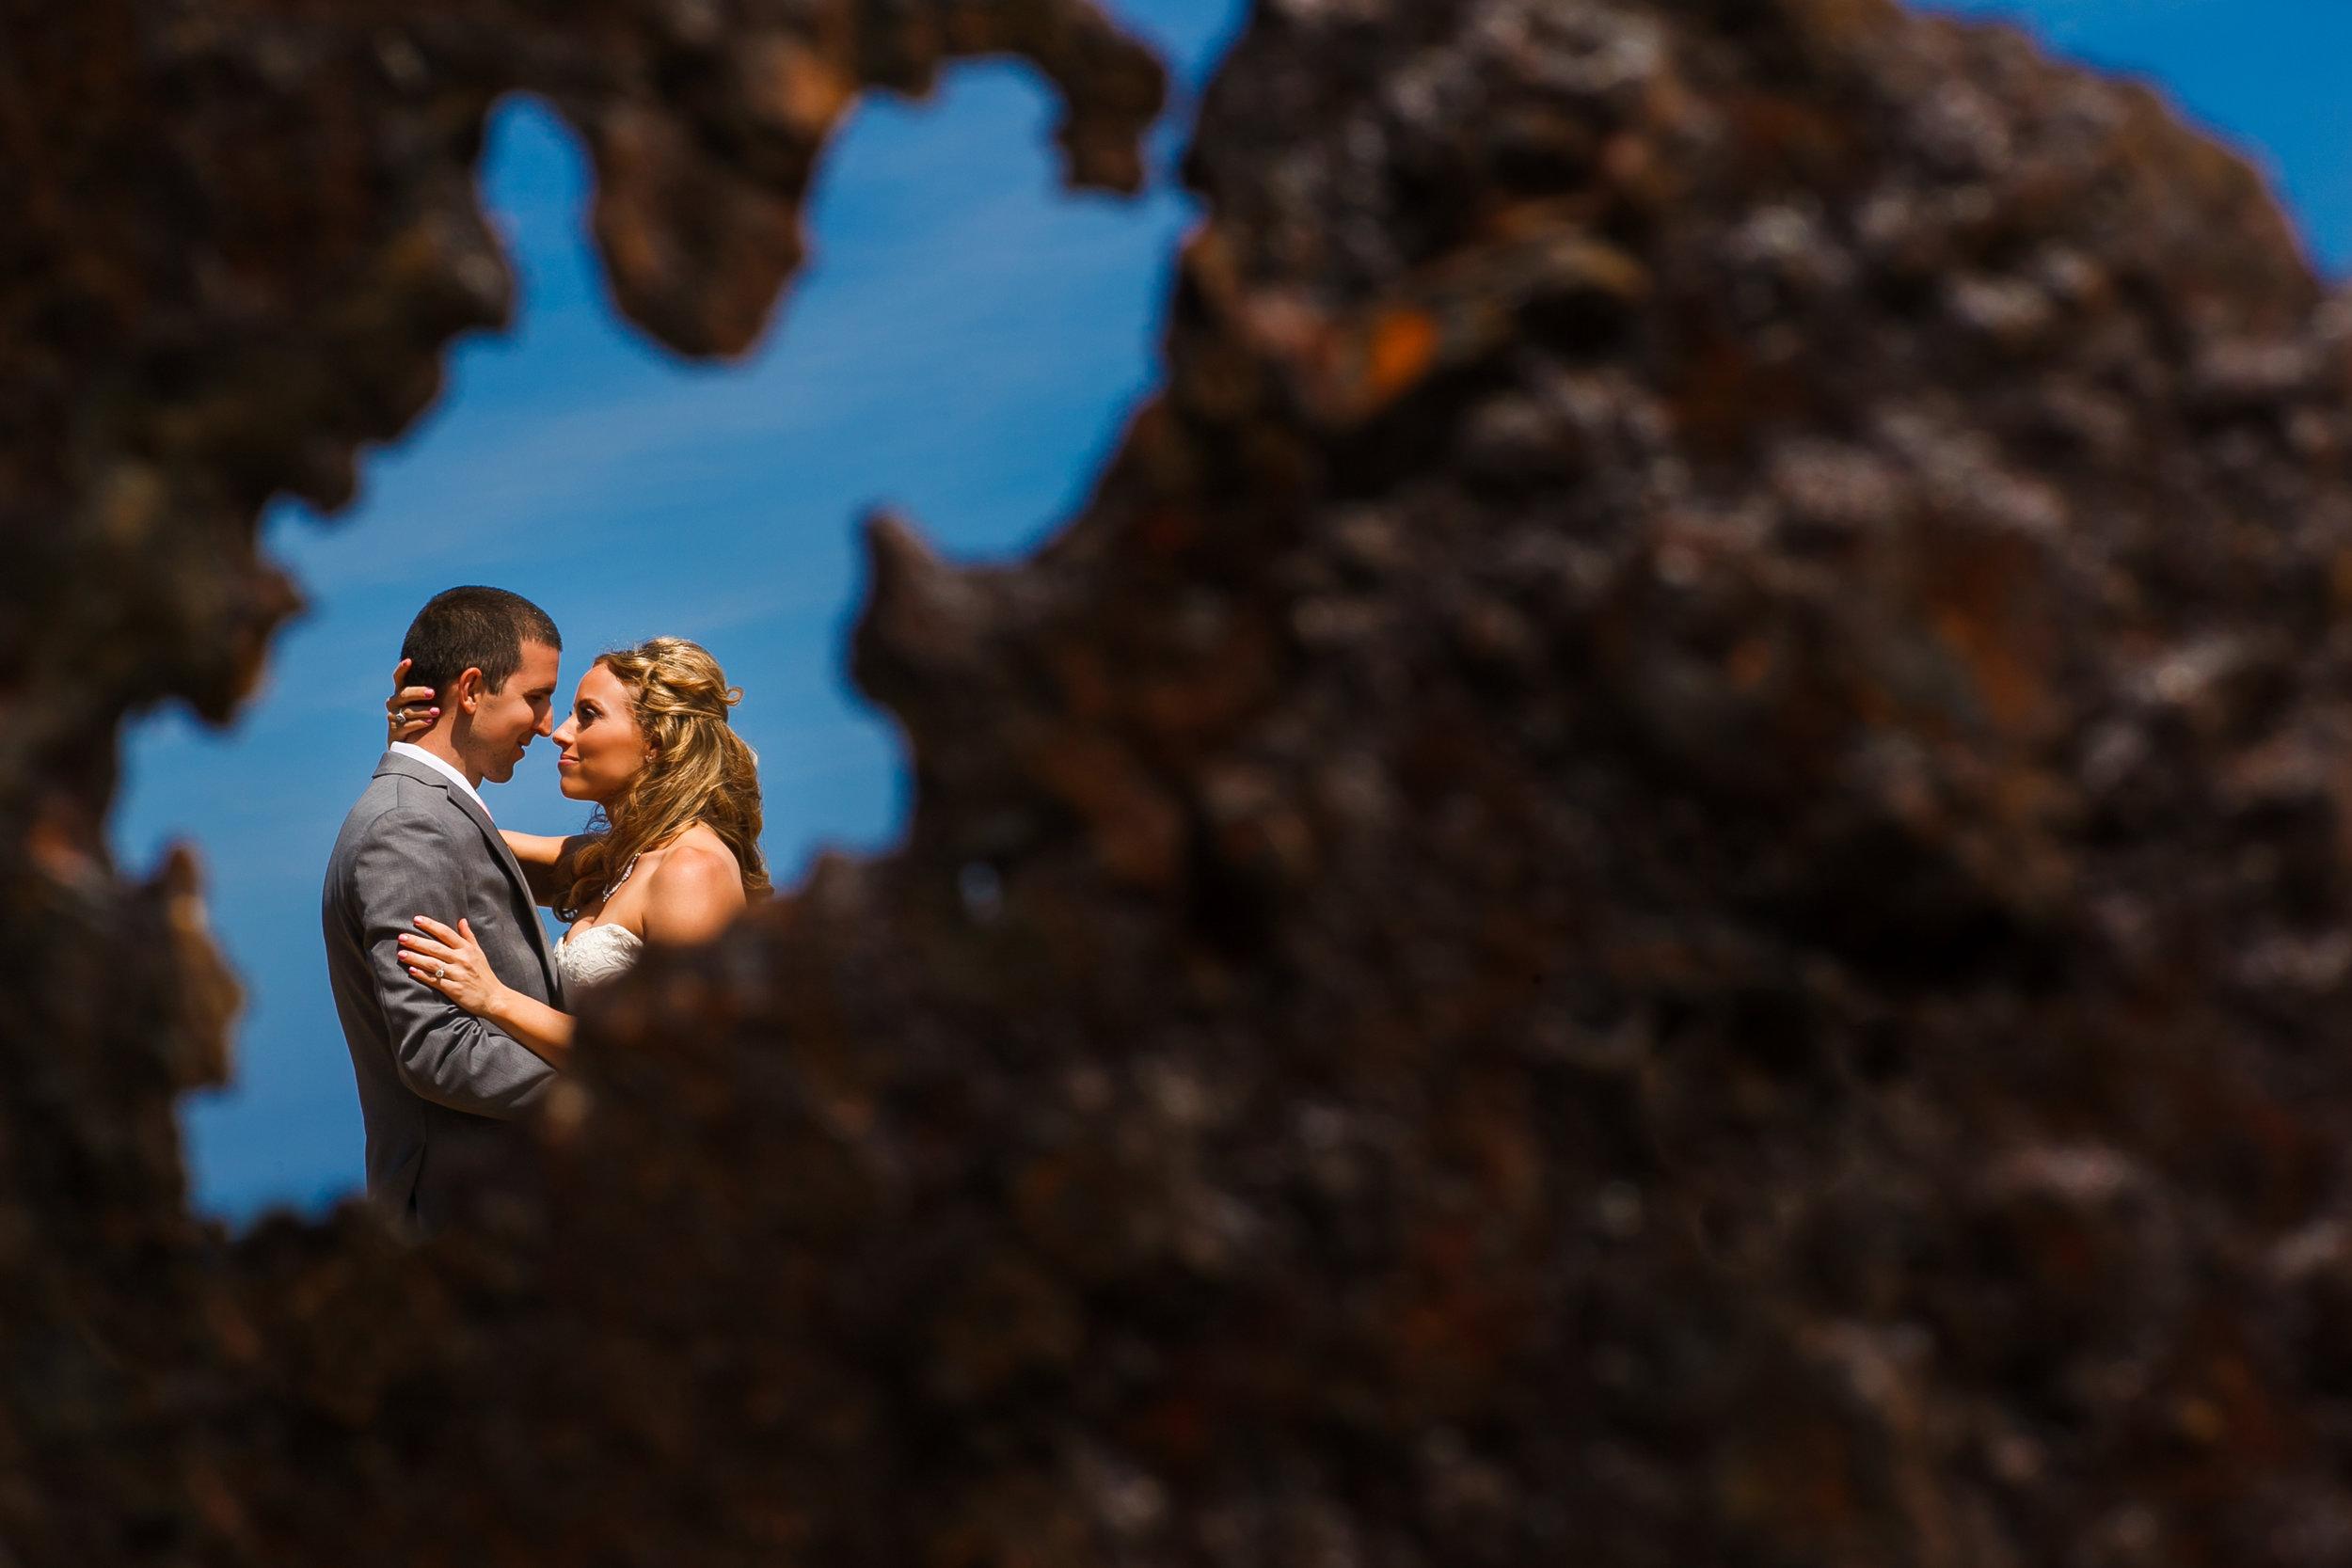 WEDDING AT TERRANEA RESORT IN RANCHO PALOS VERDES, CALIFORNIA